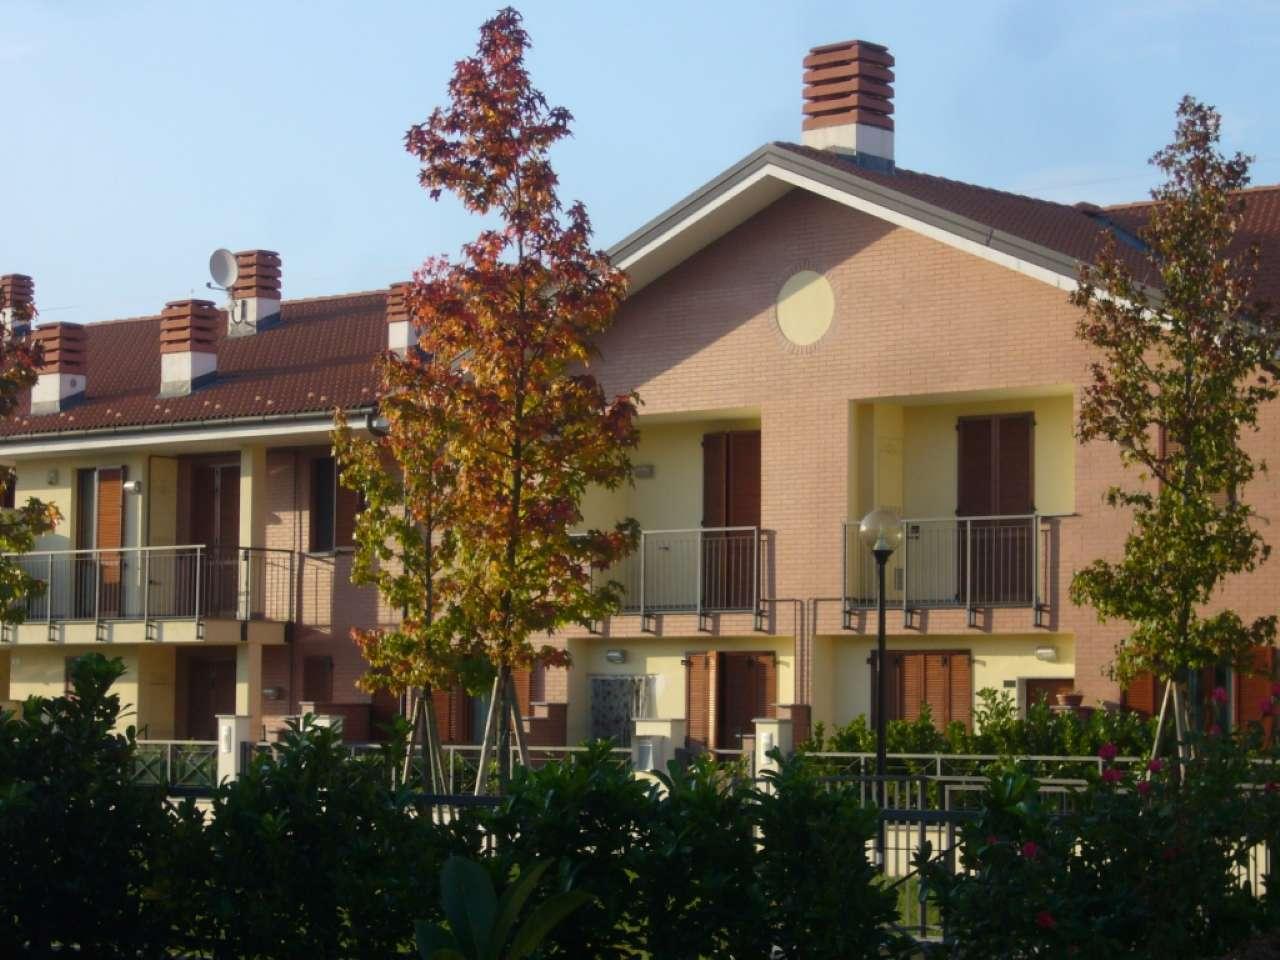 Appartamento in vendita a Ceranova, 3 locali, prezzo € 135.000 | PortaleAgenzieImmobiliari.it